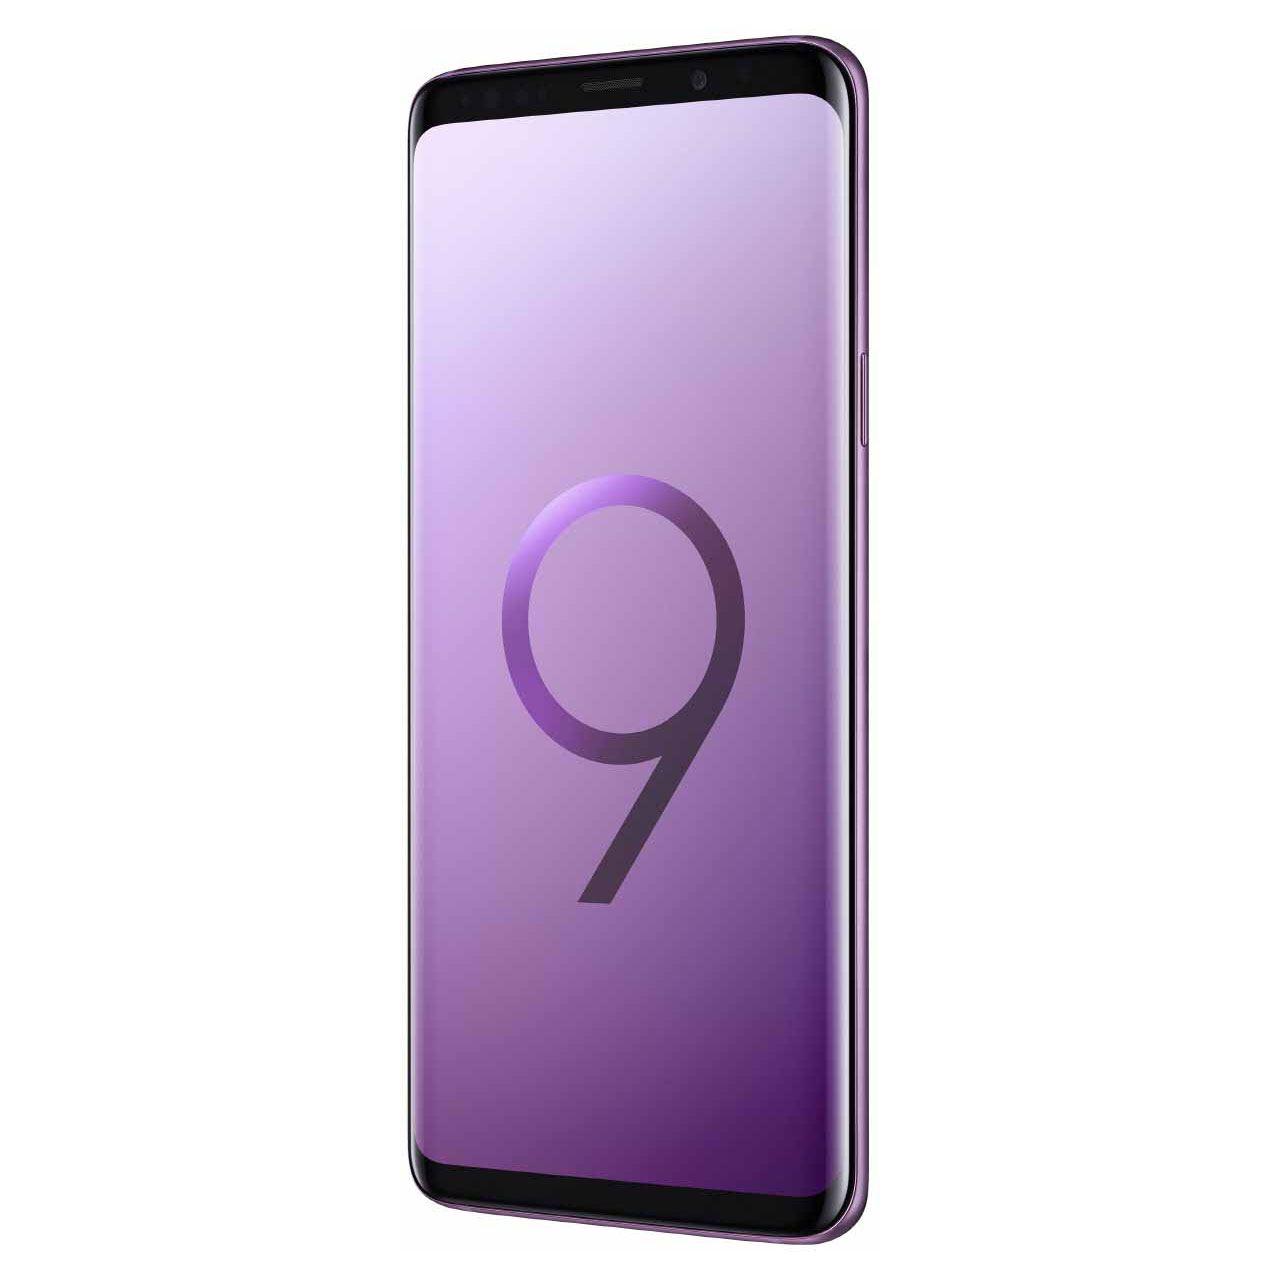 samsung g965f s9 duos violett smartphones ohne vertrag. Black Bedroom Furniture Sets. Home Design Ideas